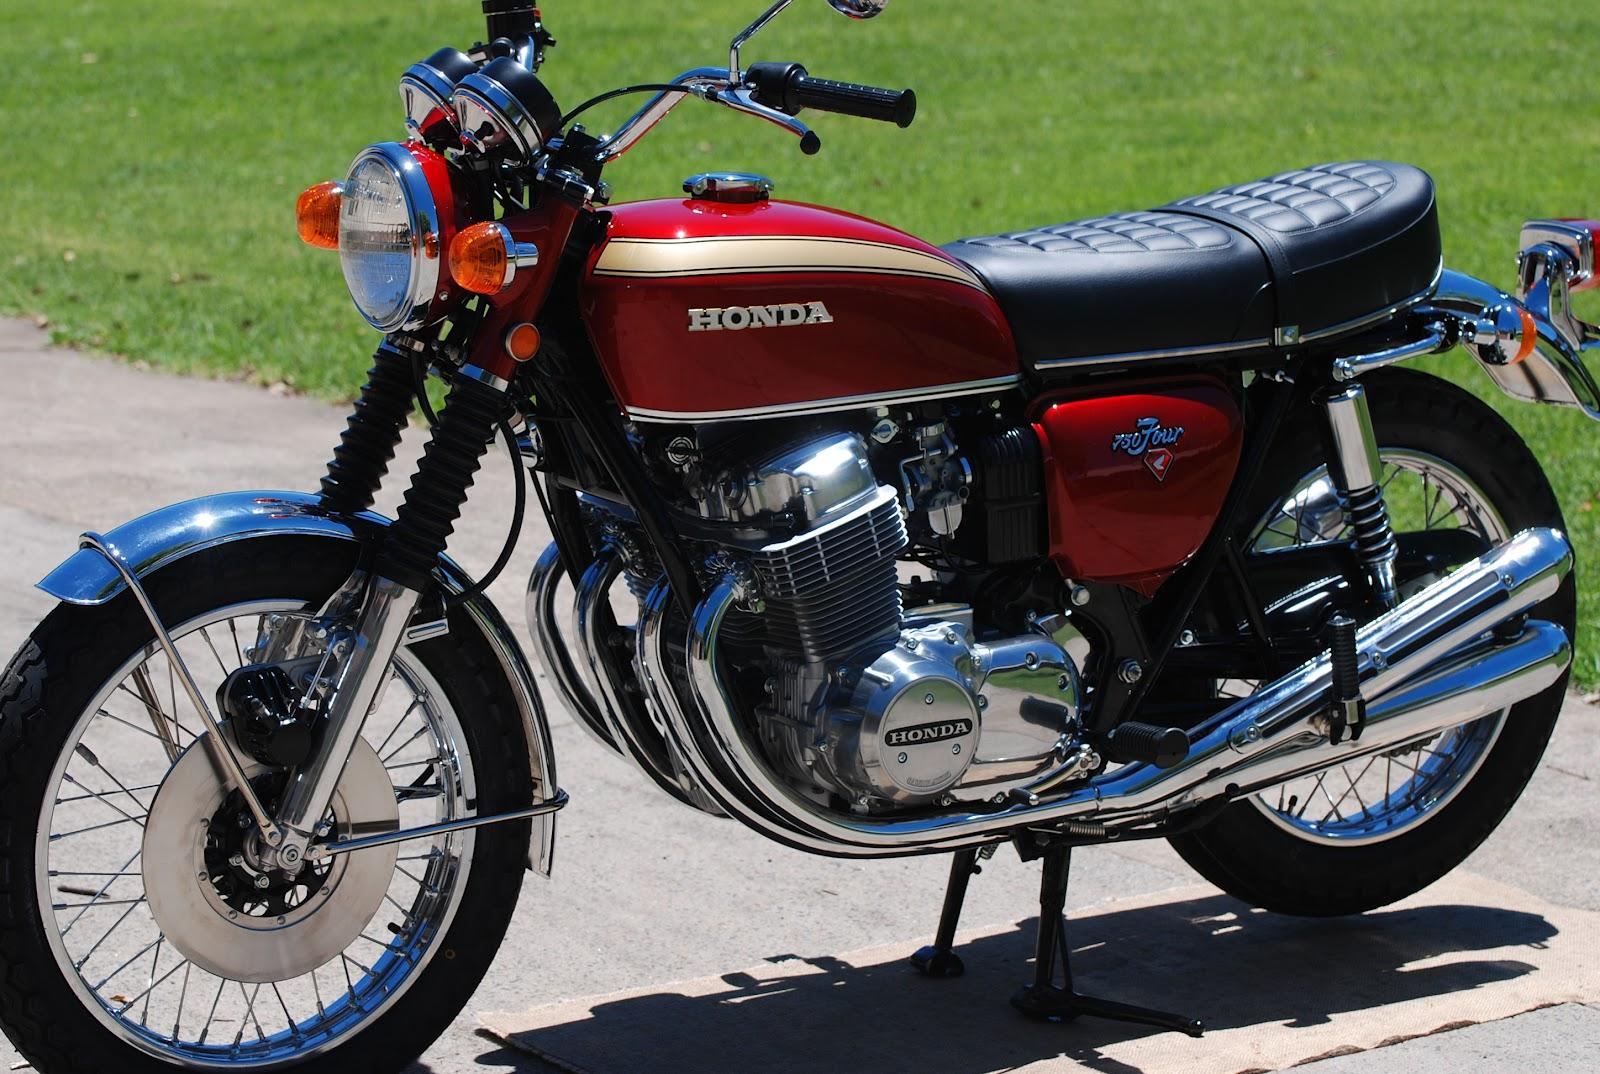 honda motorcycle classic models  Classic Honda motorbike | Classic Motorbike